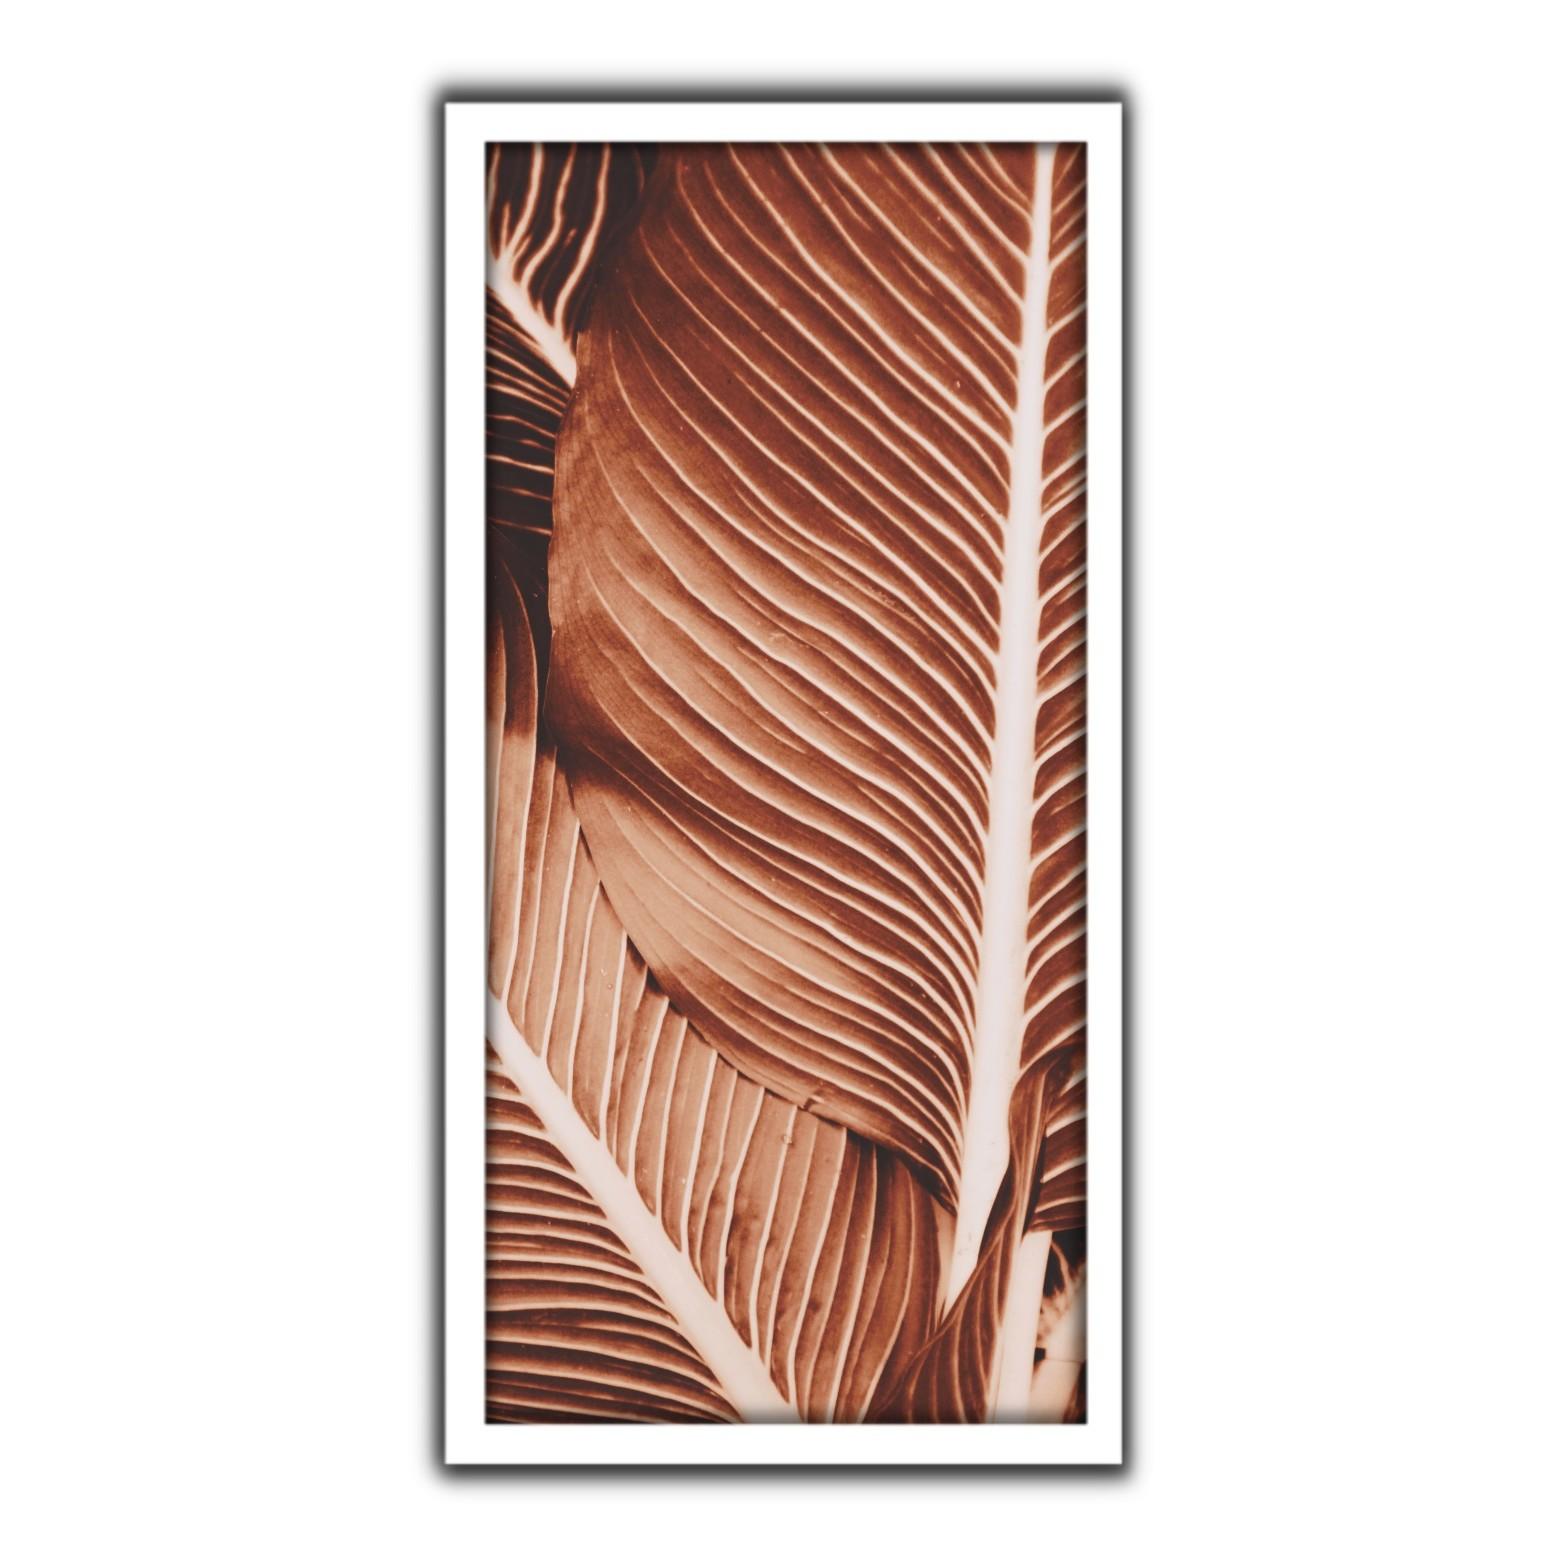 Quadro Decorativo 33x70cm Folhagem 90421 - Art Frame